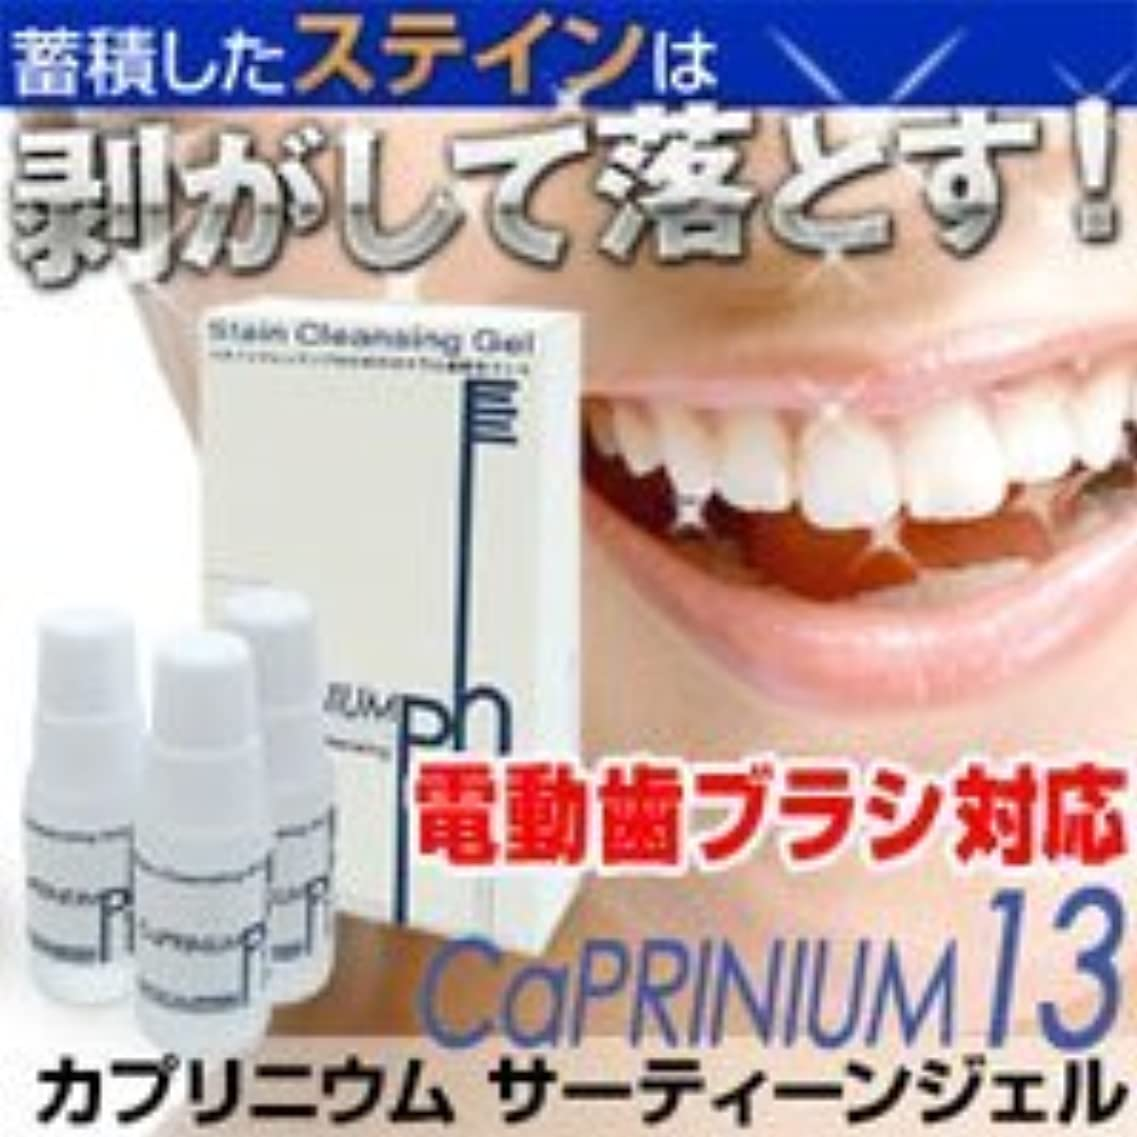 育成望まない恐れるカプリジェル(カプリニウムサーティーンジェル)10g×3個(1か月分) 電動歯ブラシ対応歯磨きジェル